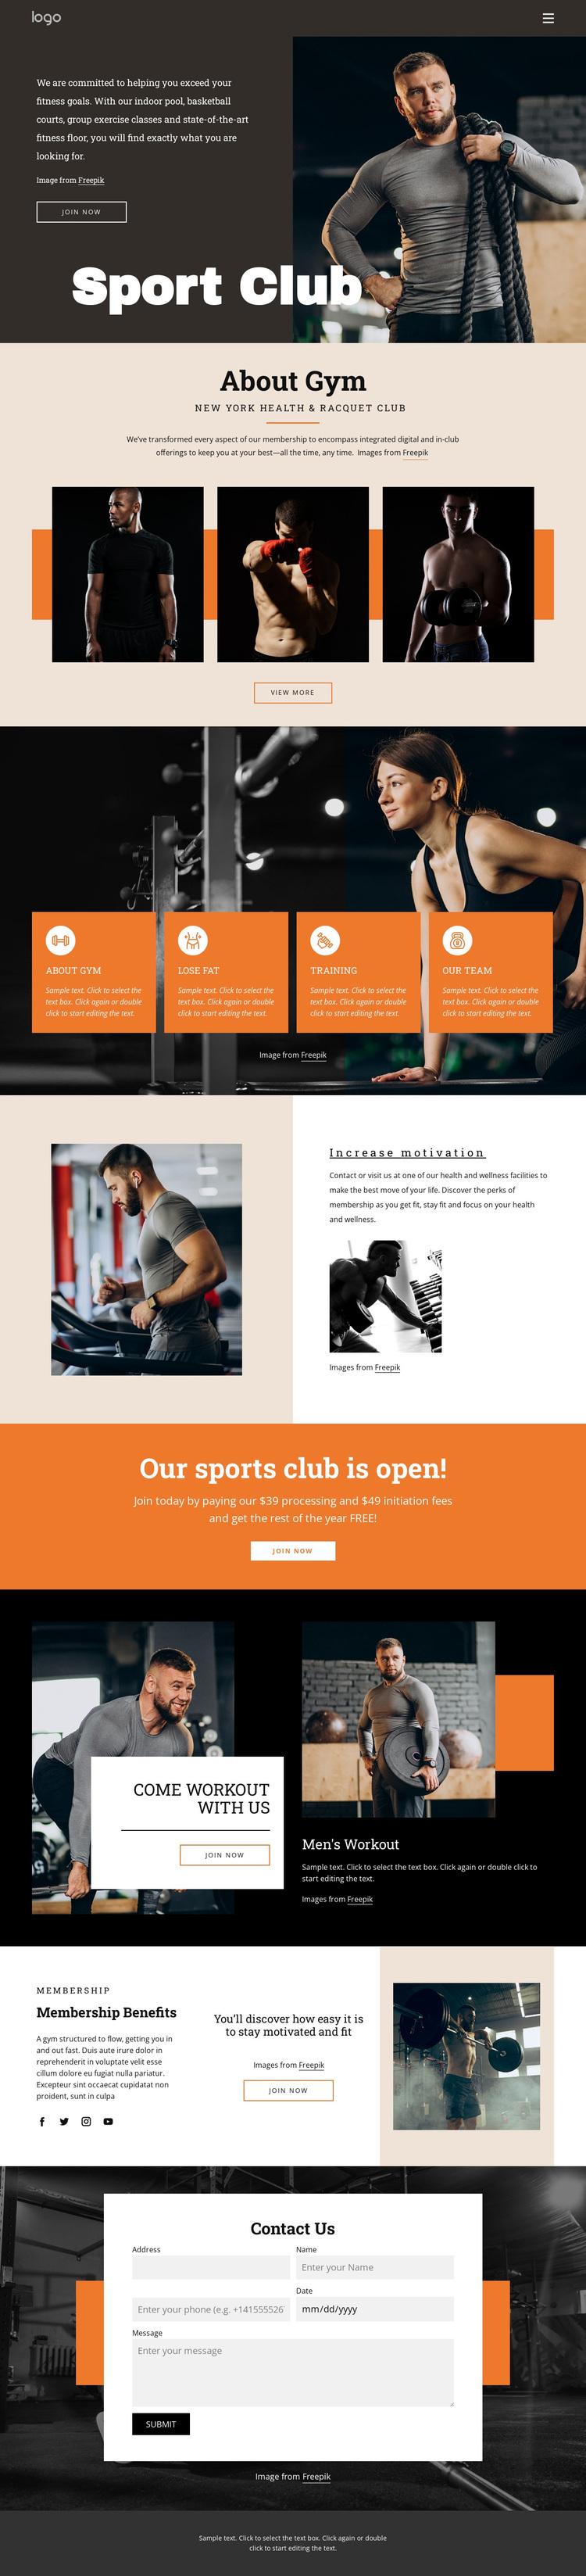 Convenient personal training programs Joomla Page Builder